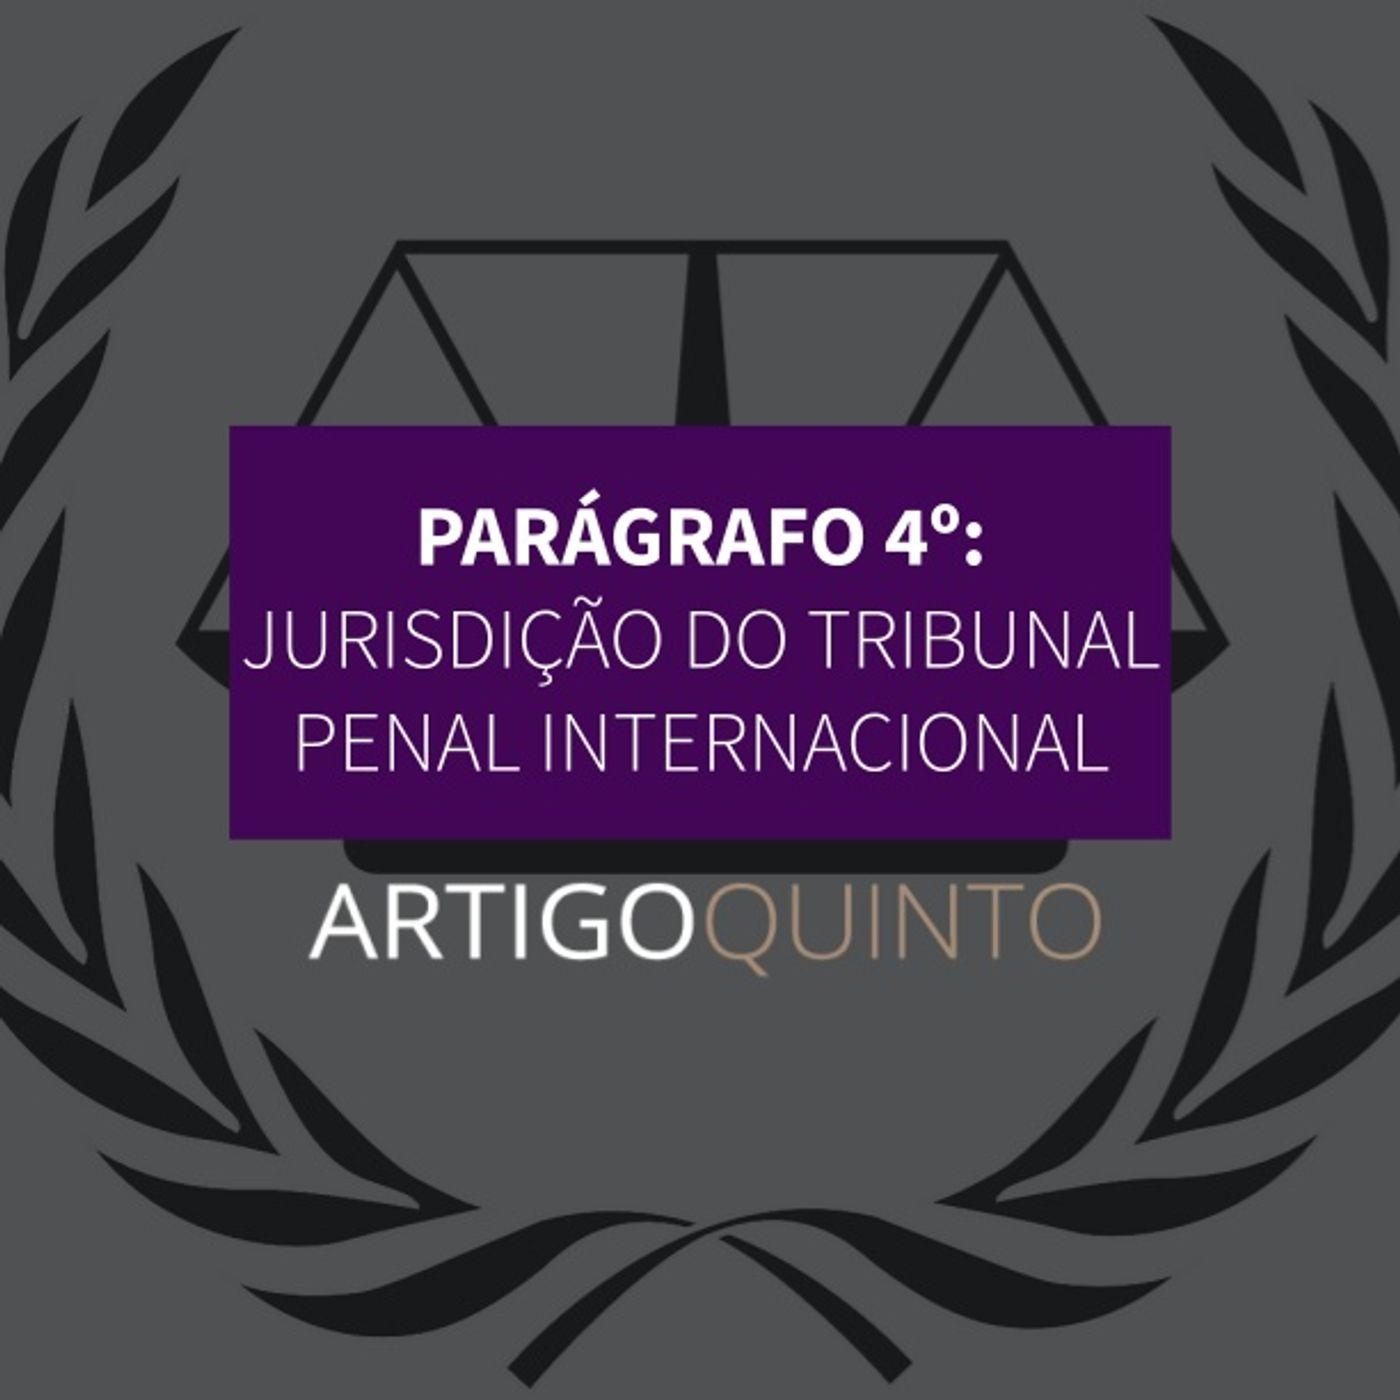 Parágrafo 4º - Jurisdição do Tribunal Penal Internacional